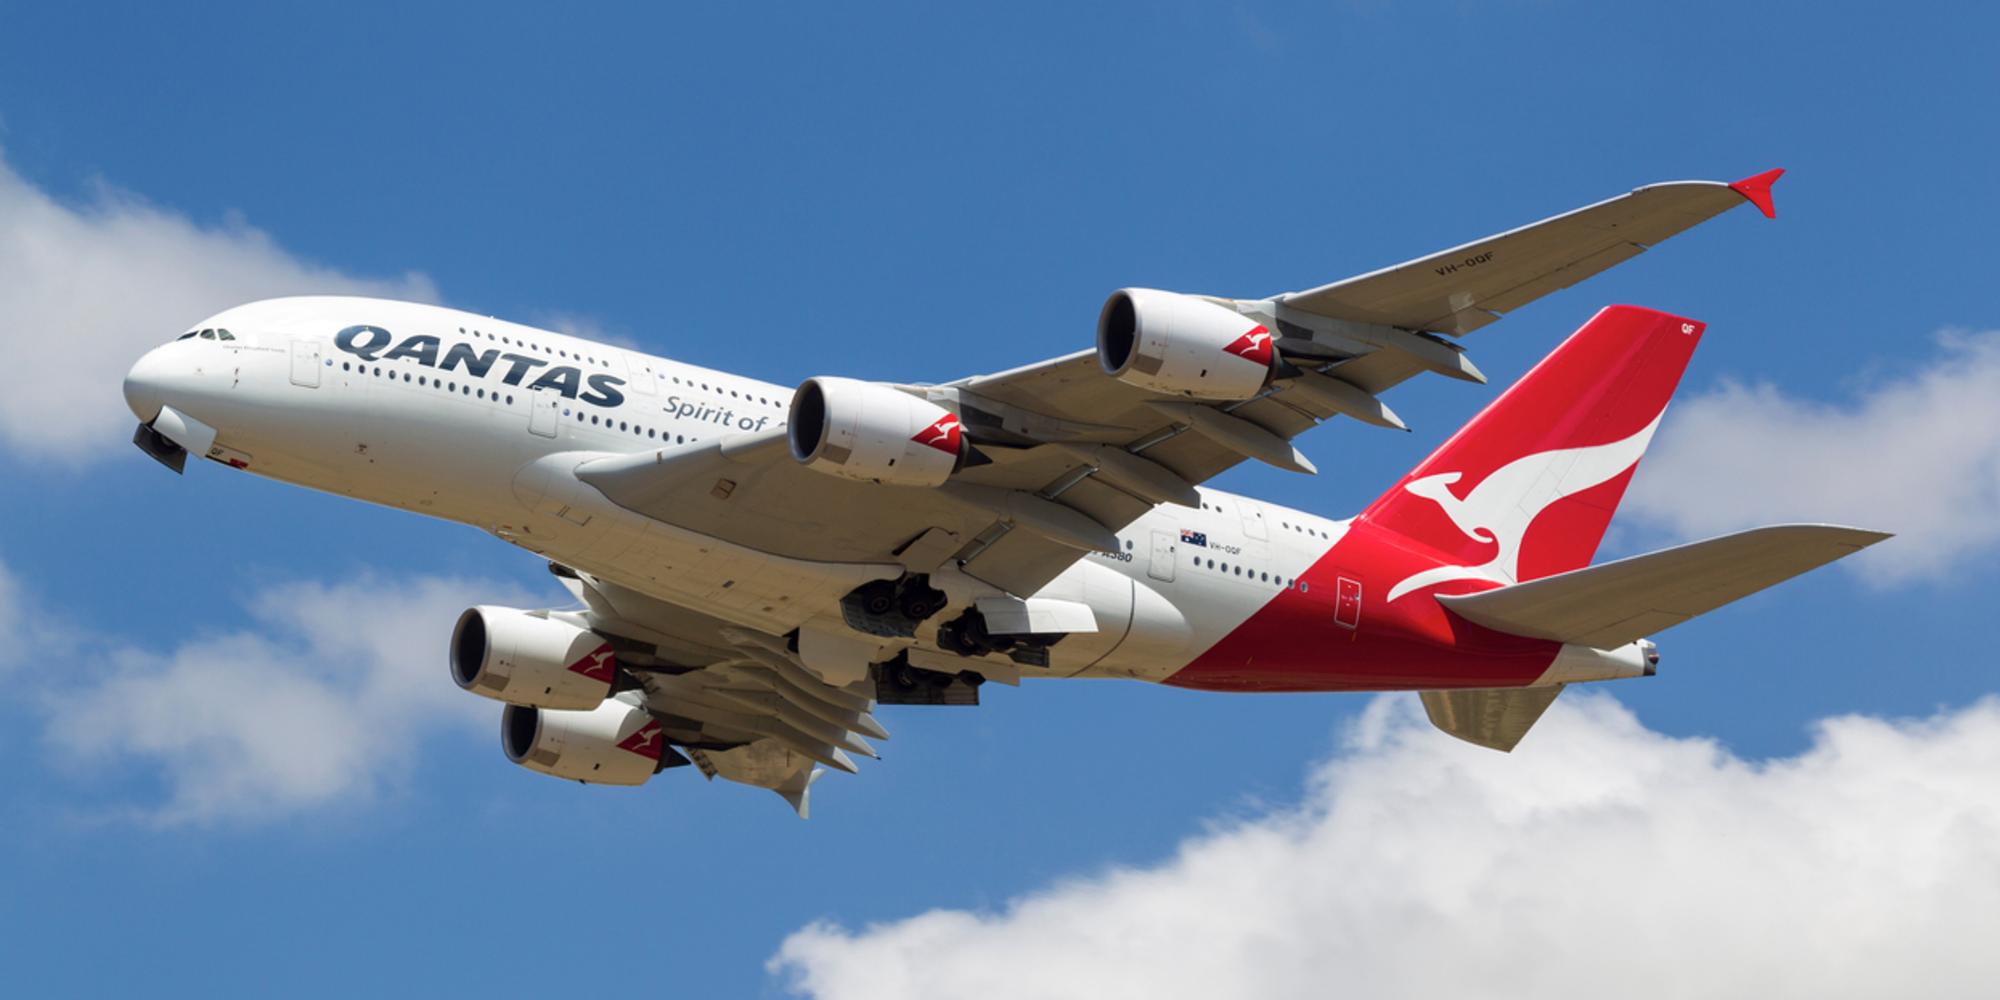 Uma companhia aérea ofereceu às pessoas um 'voo para lugar nenhum' e esgotou em apenas 10 minutos